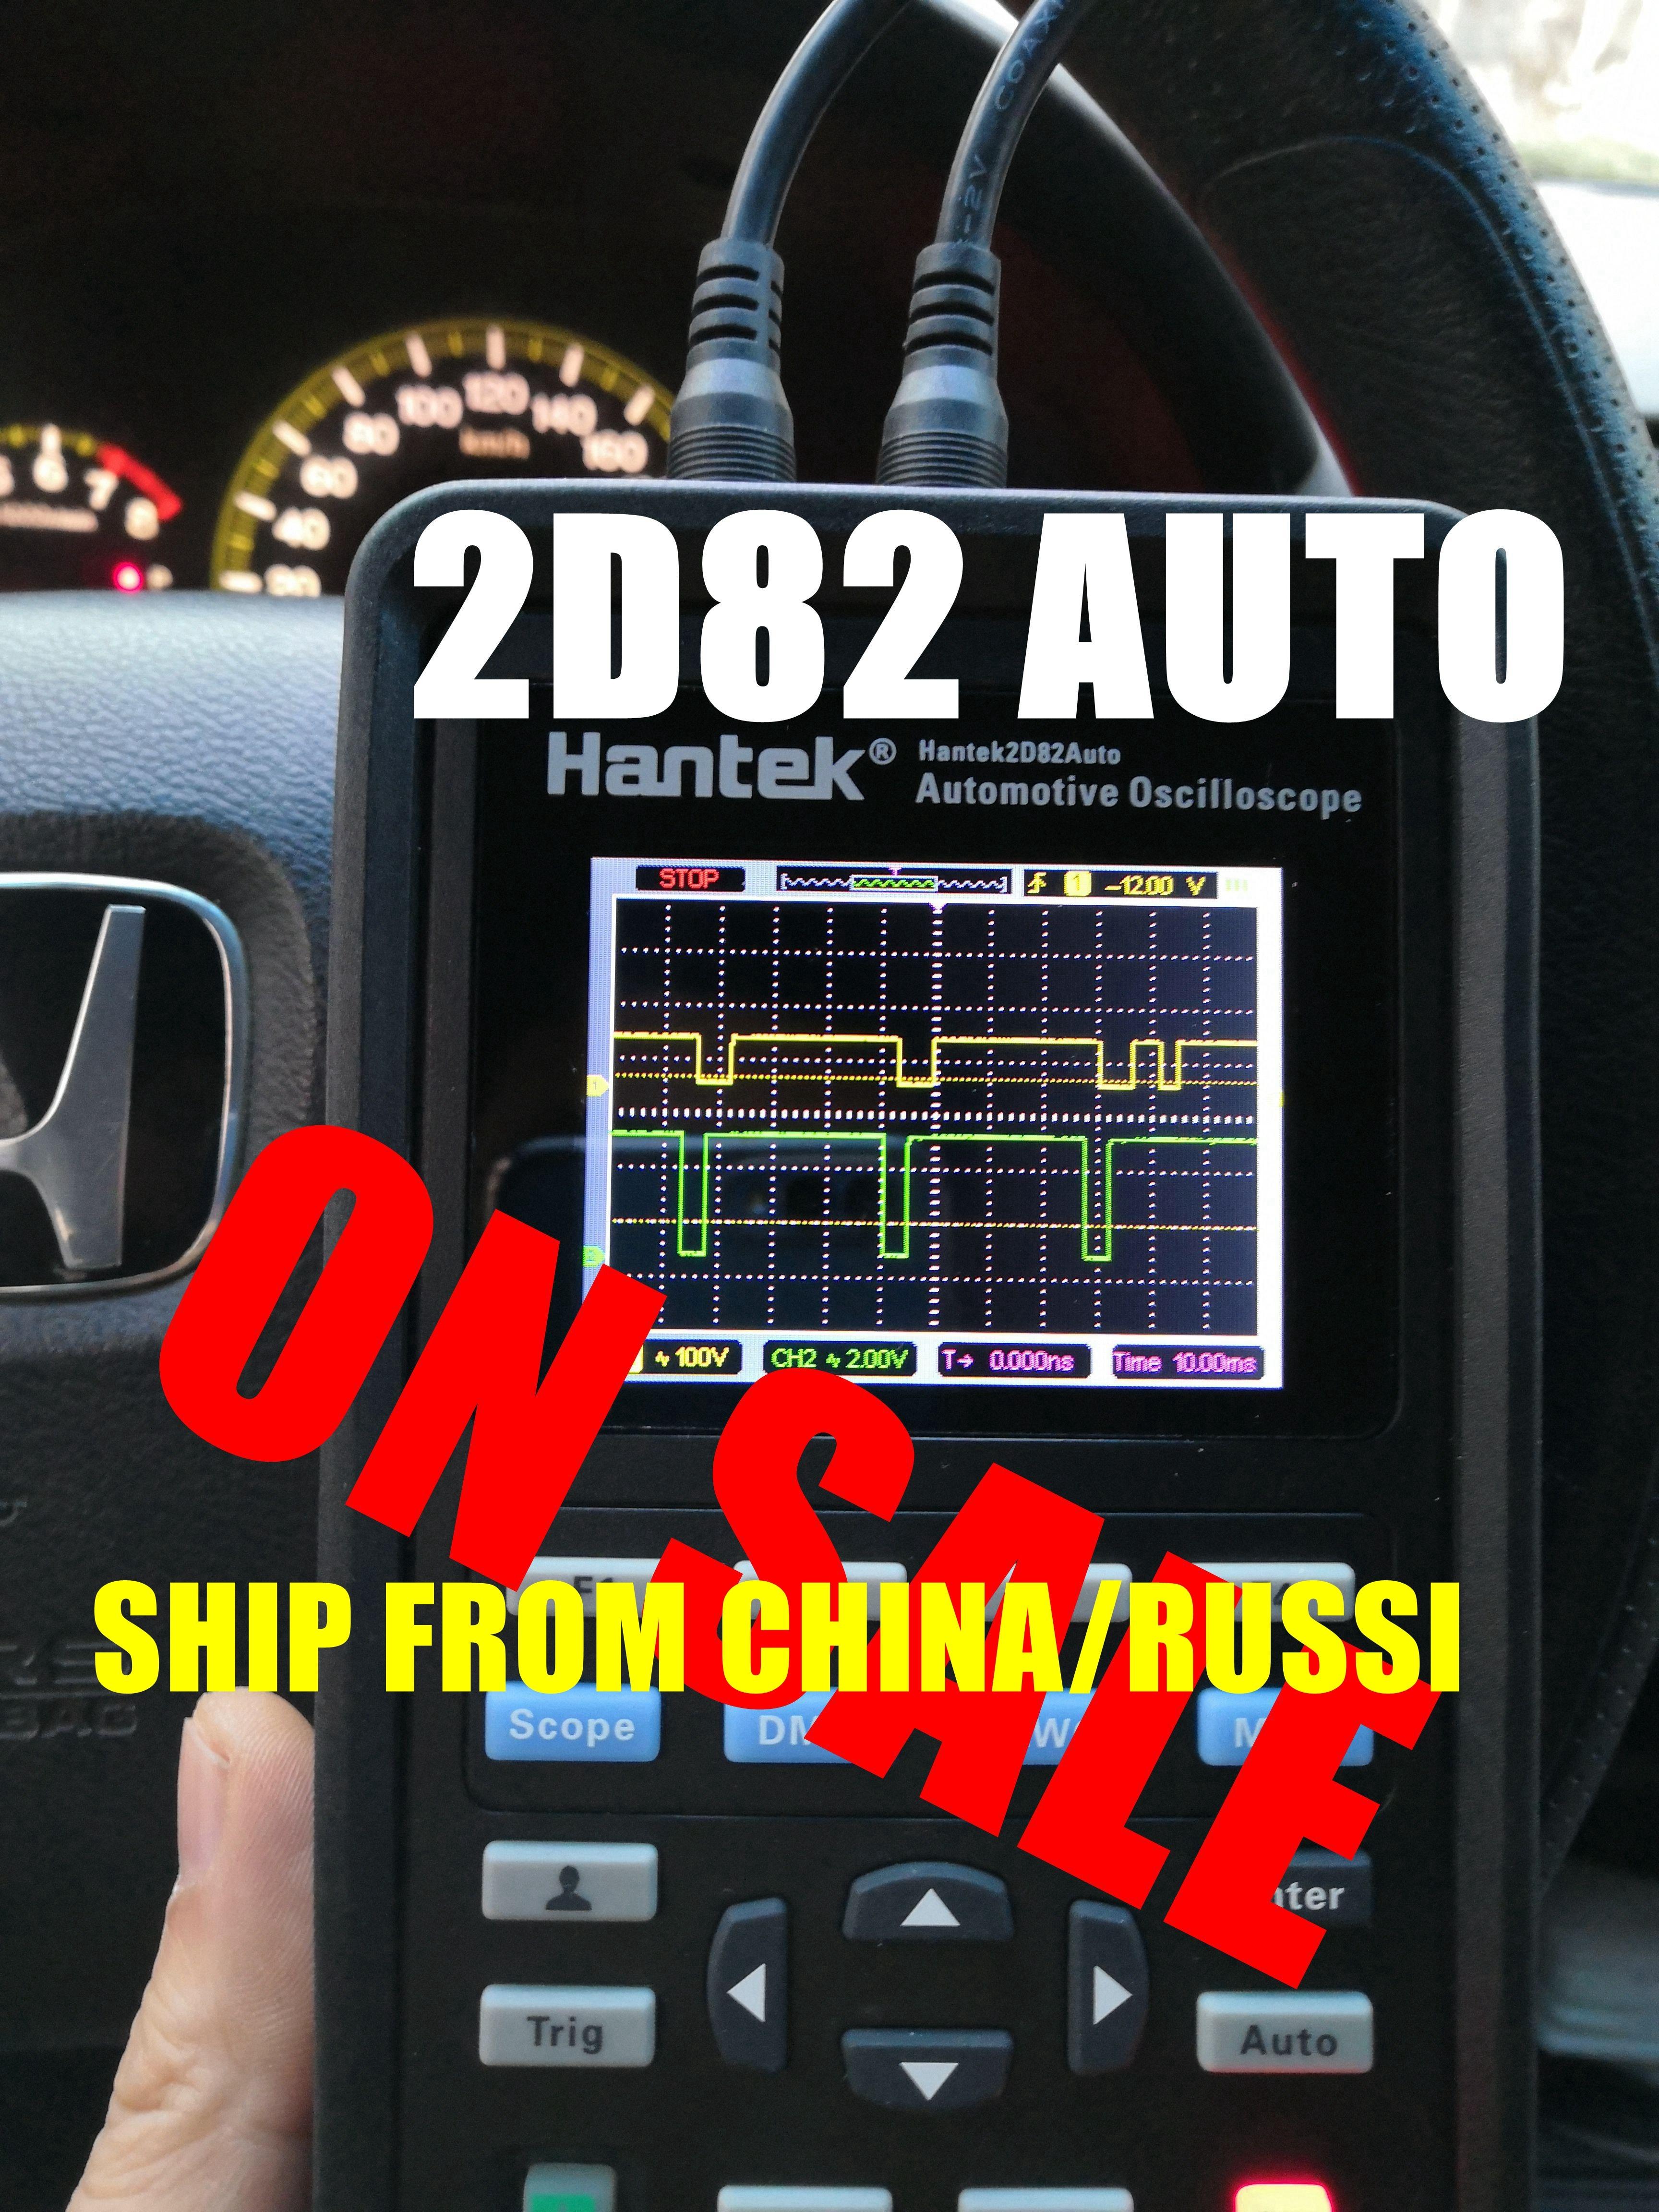 2d82auto Hantek osciloscópio automotivo hantek 2d82 auto 2c4 2/2d7 2/2d4 2/2c7 2/2d82 digital handheld portátil 3in1 4in1